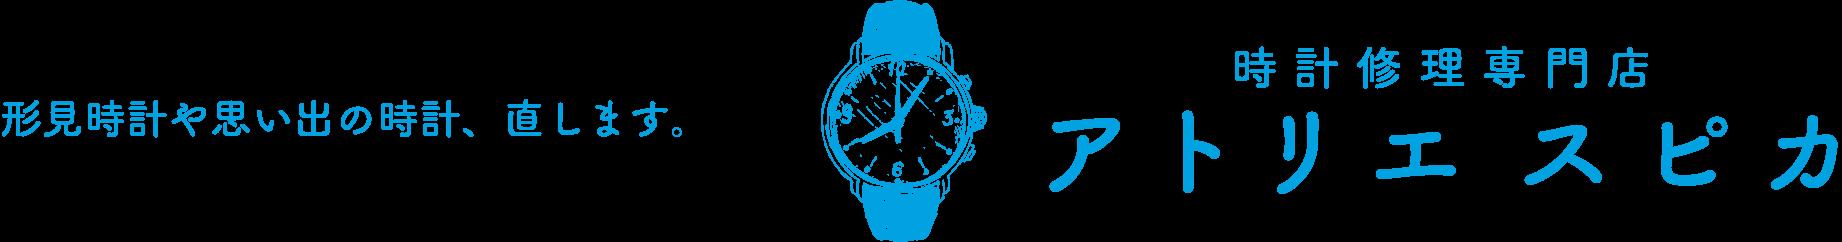 アトリエスピカ(埼玉県春日部市)〜オメガ・ロレックスのオーバーホール実績多数/技術者が直接ご対応/無料ピックアップサービスあり